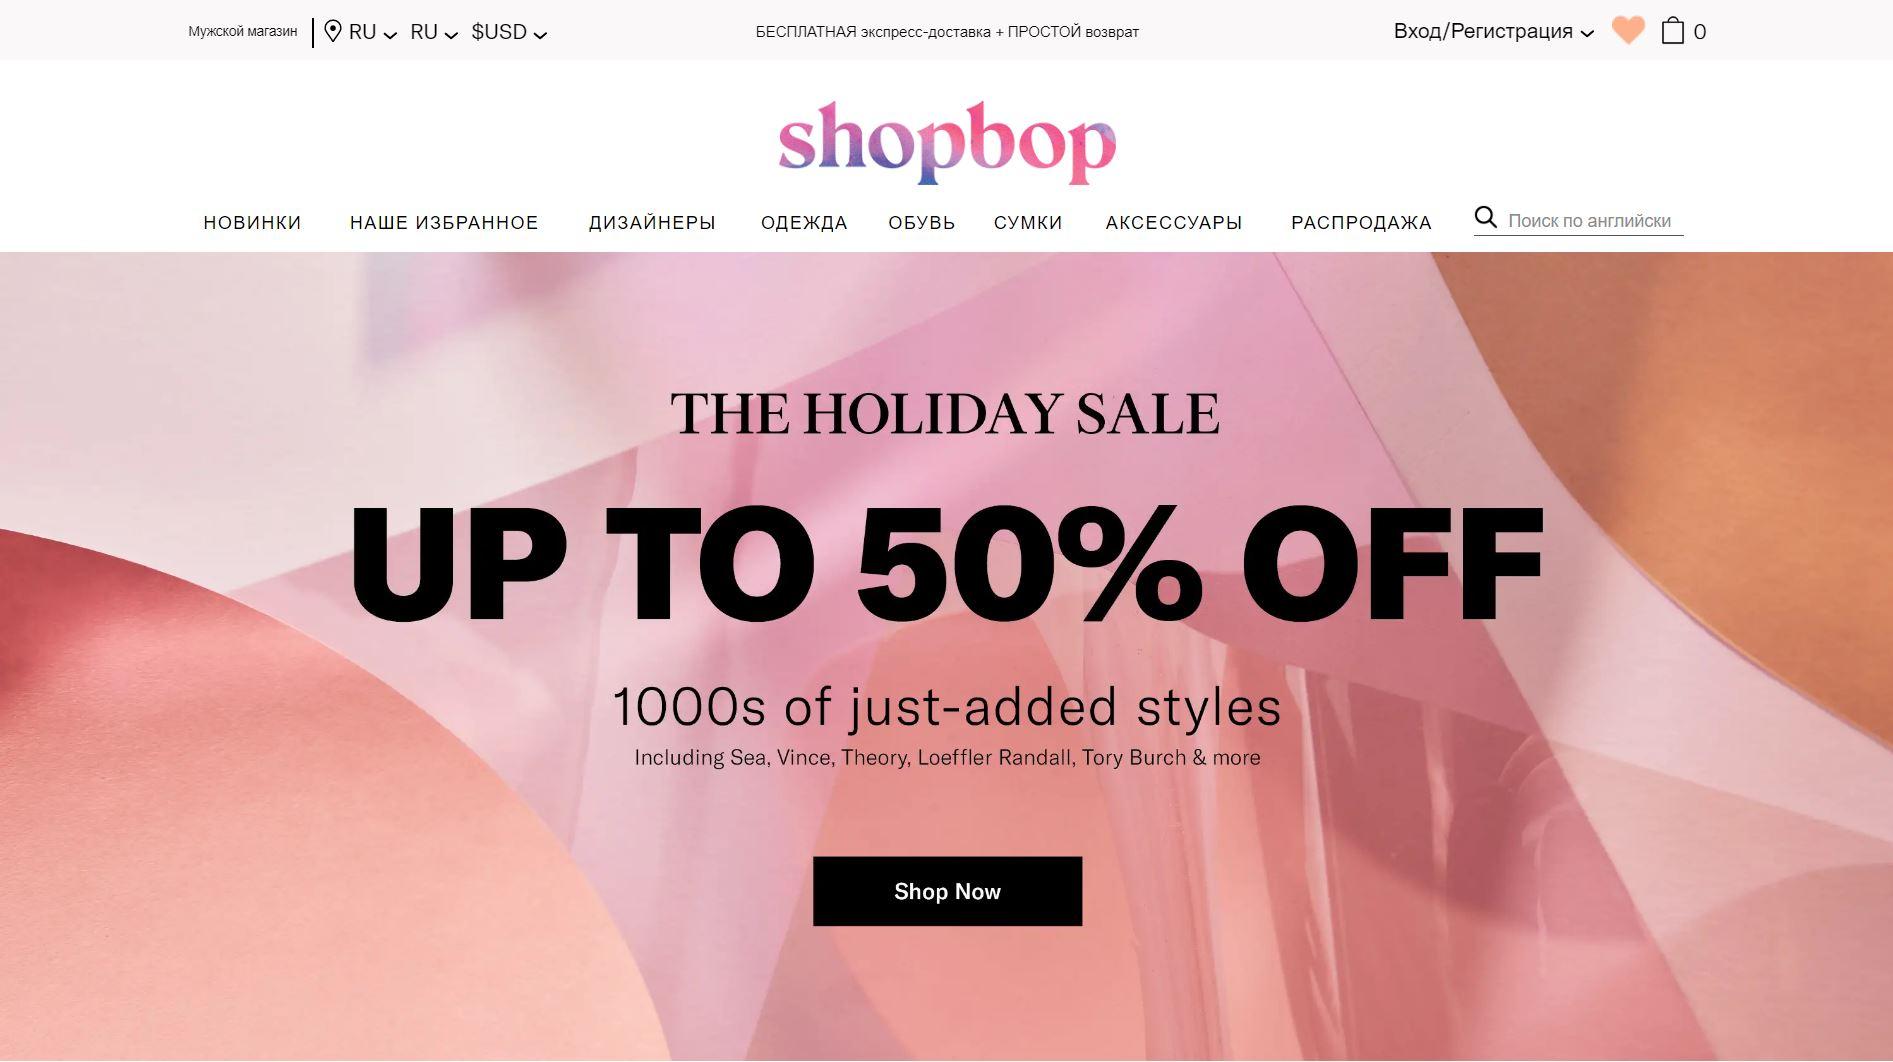 Рейтинг лучших зарубежных интернет-магазинов одежды с доставкой в Россию 2021 - Shopbop - фото